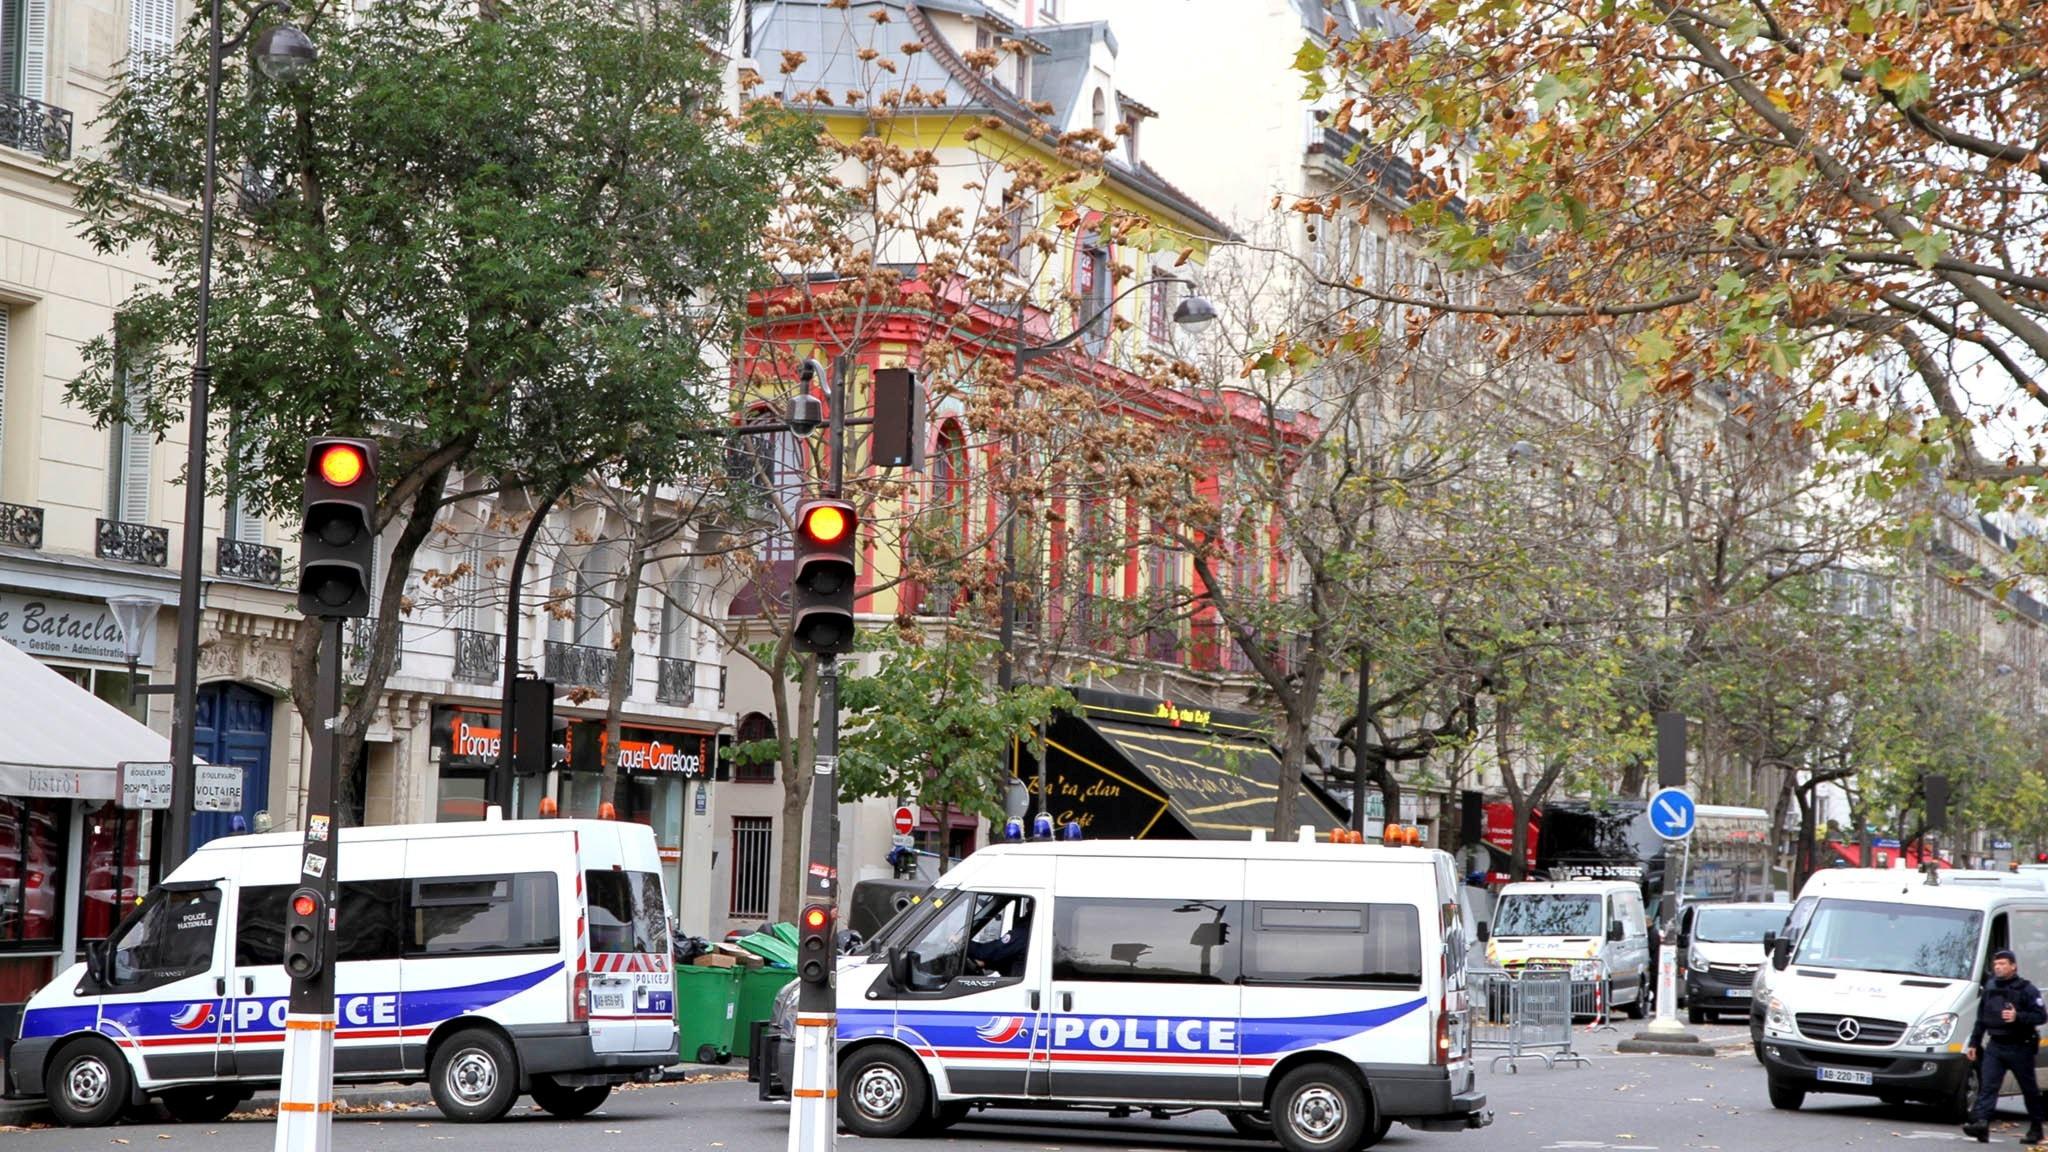 Undantags tillstånd är utfärdat i Paris, kommer det att påverka klimatmötet som inleds den sista november? Foto: Maya-Anaïs Yataghène/Flickr CC BY 2.0 .